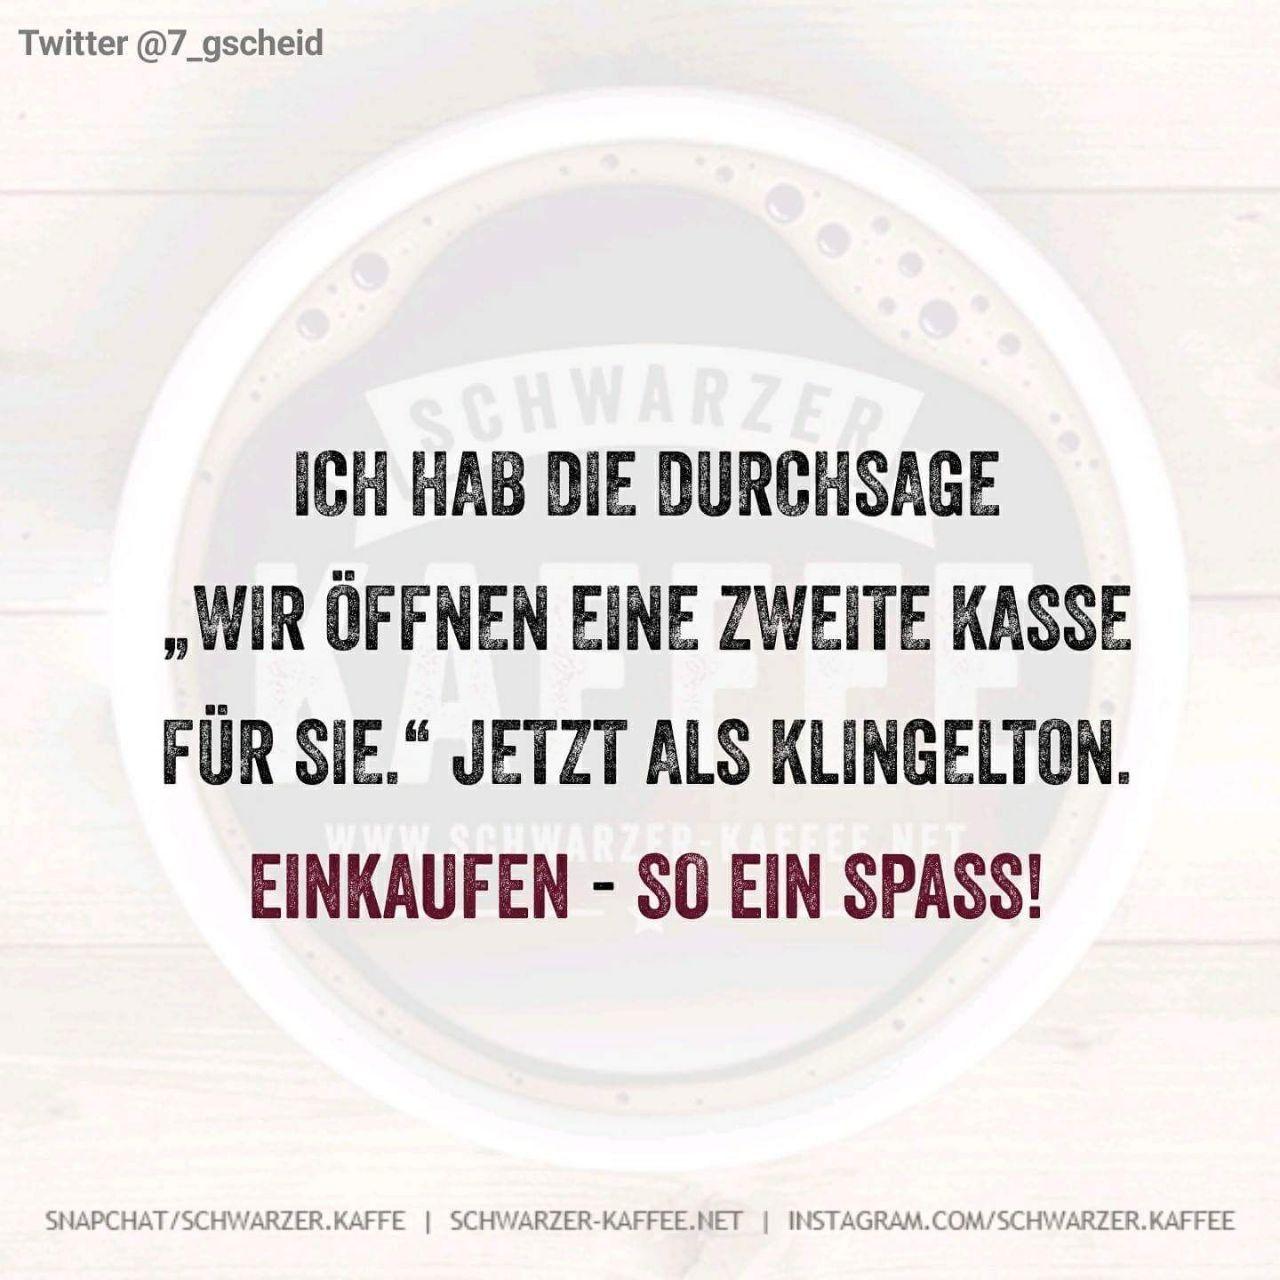 Schwarzerkaffee Spruche Humor Love Facebook Twitter Cute Follow